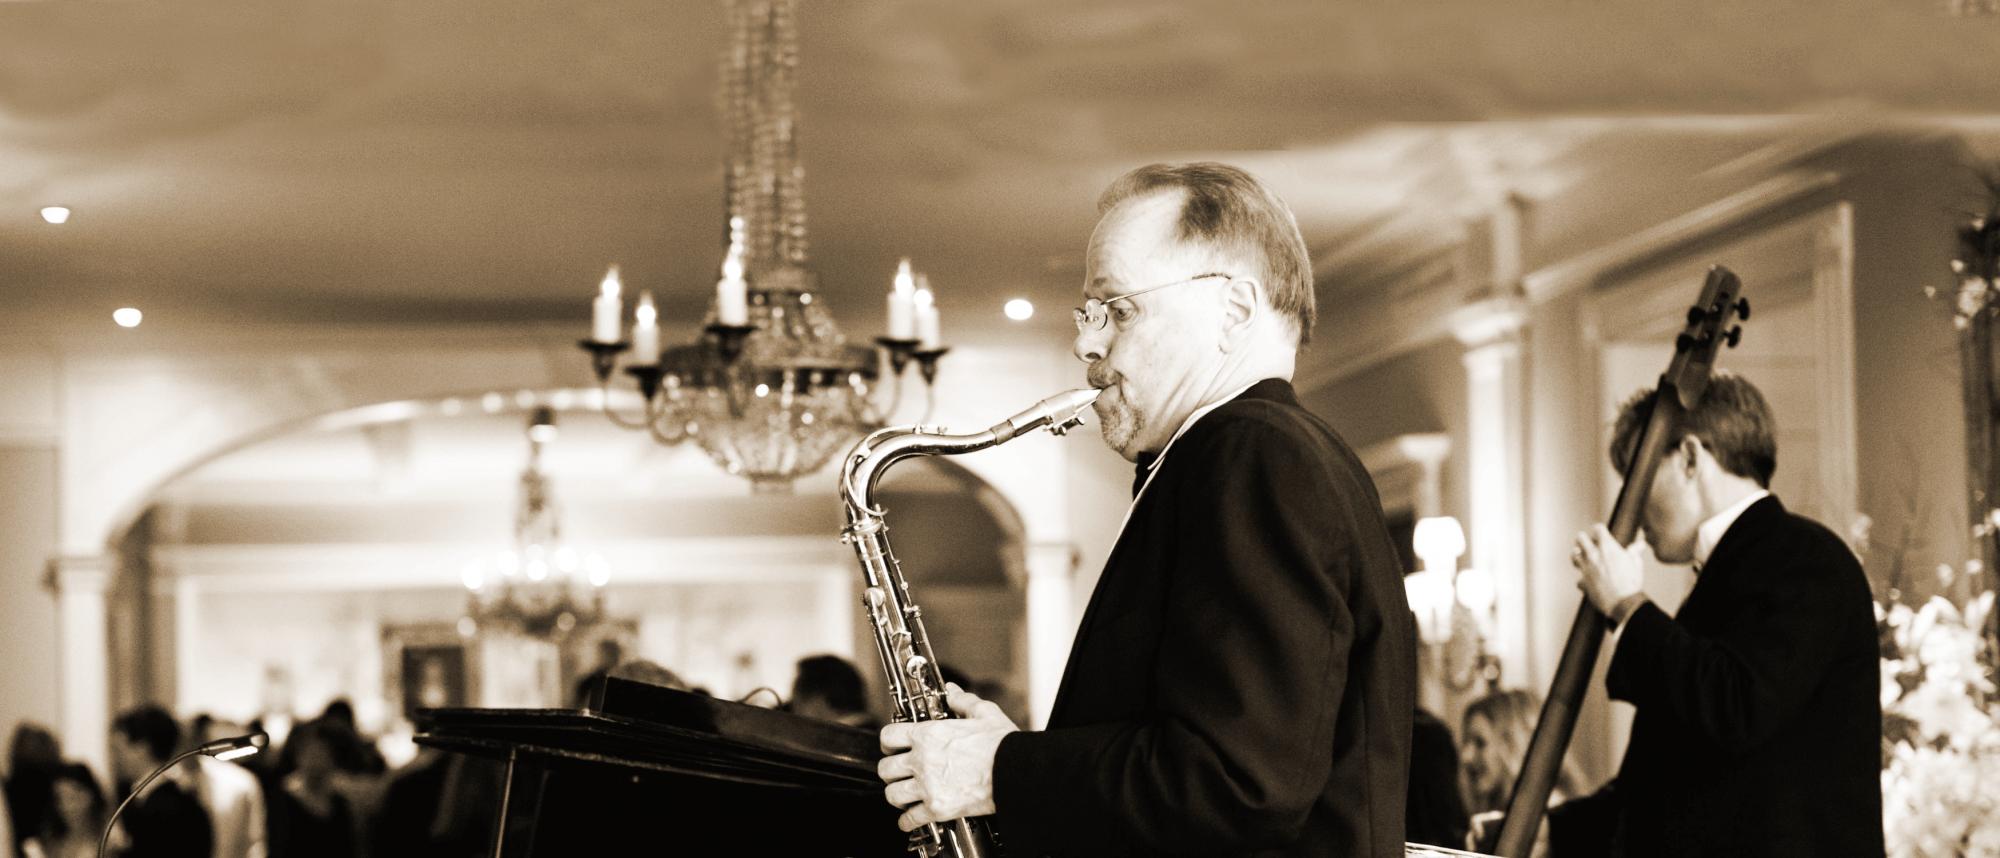 jazz-trio-min